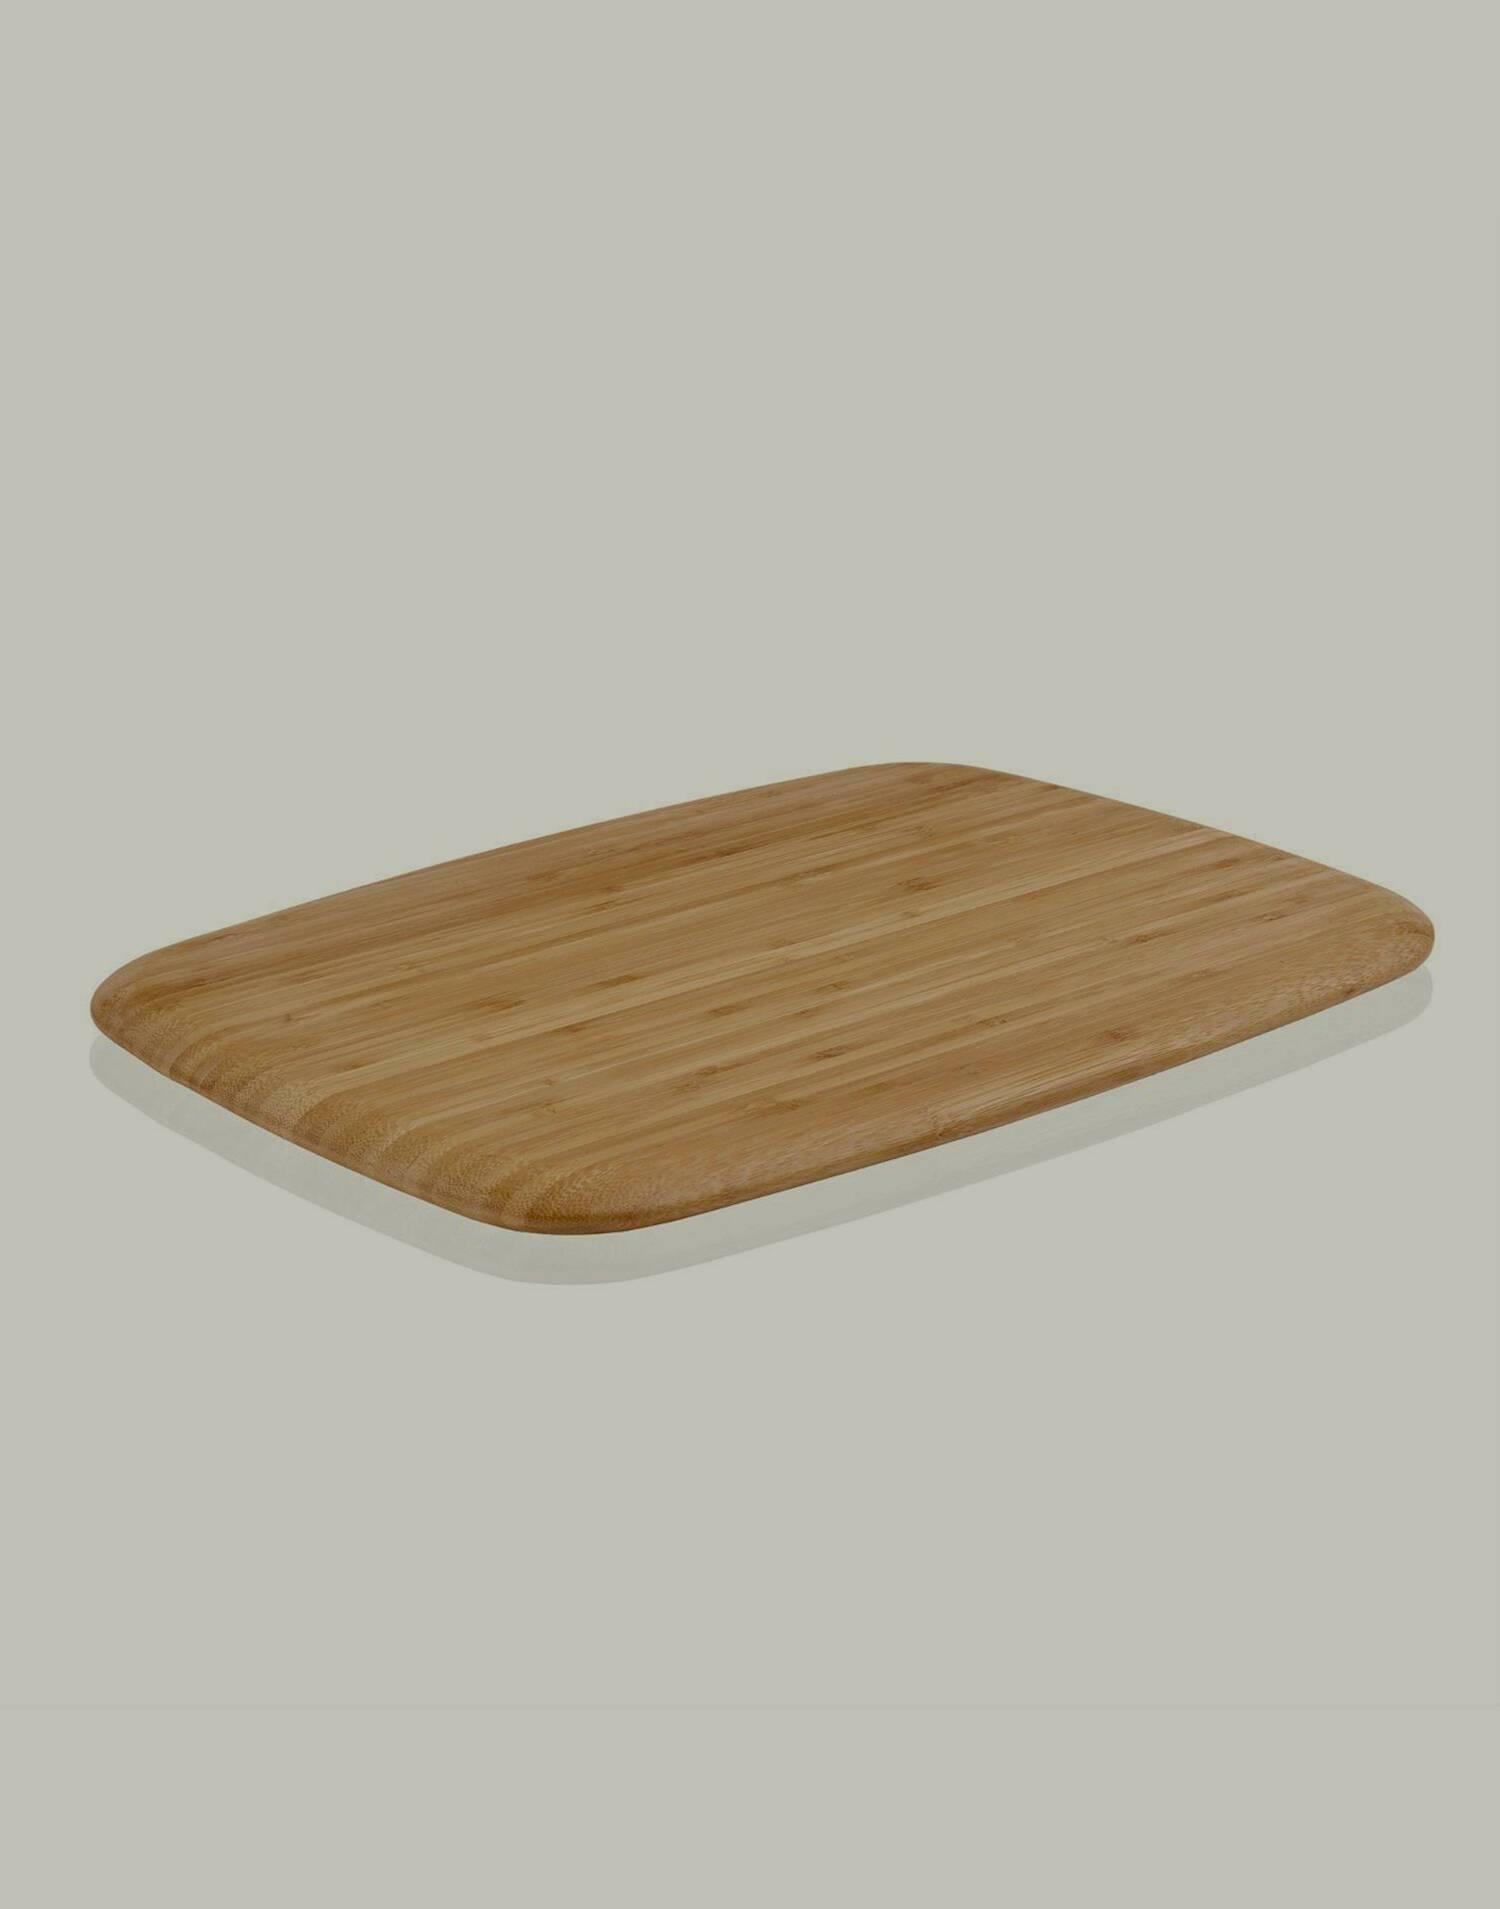 Tabla corte bambú 31 x 20 cm